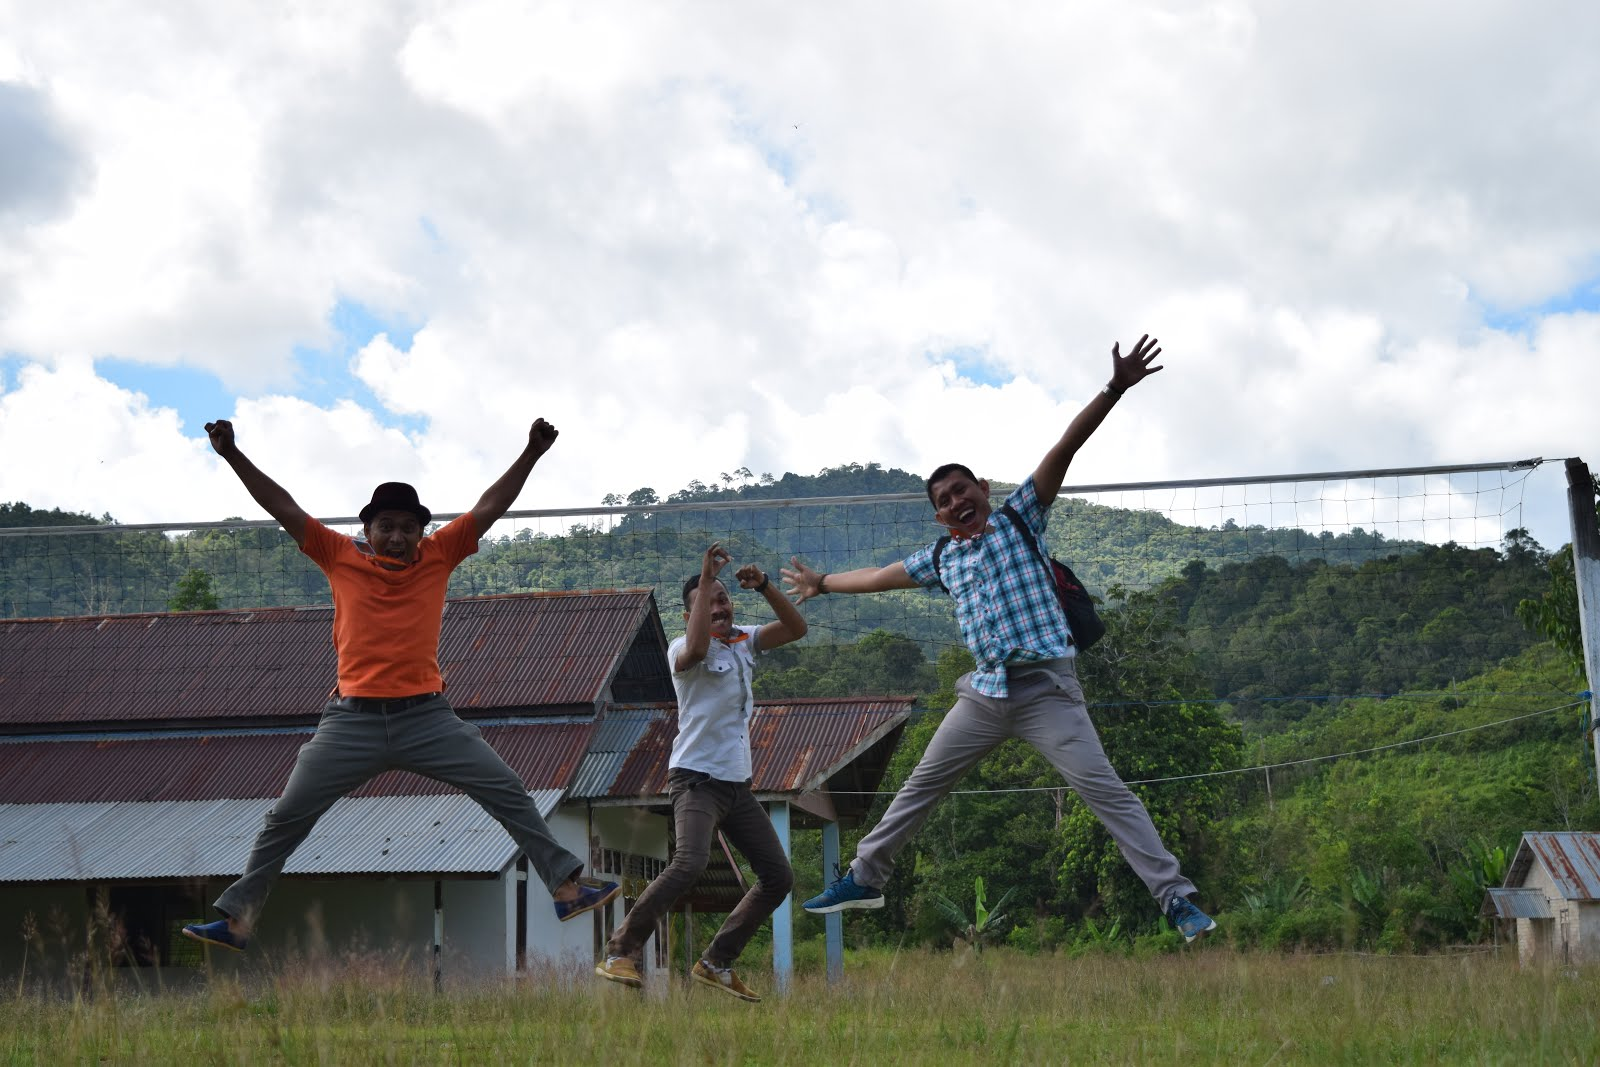 Bahagia itu sederhana# Bisa Lompat-lompat